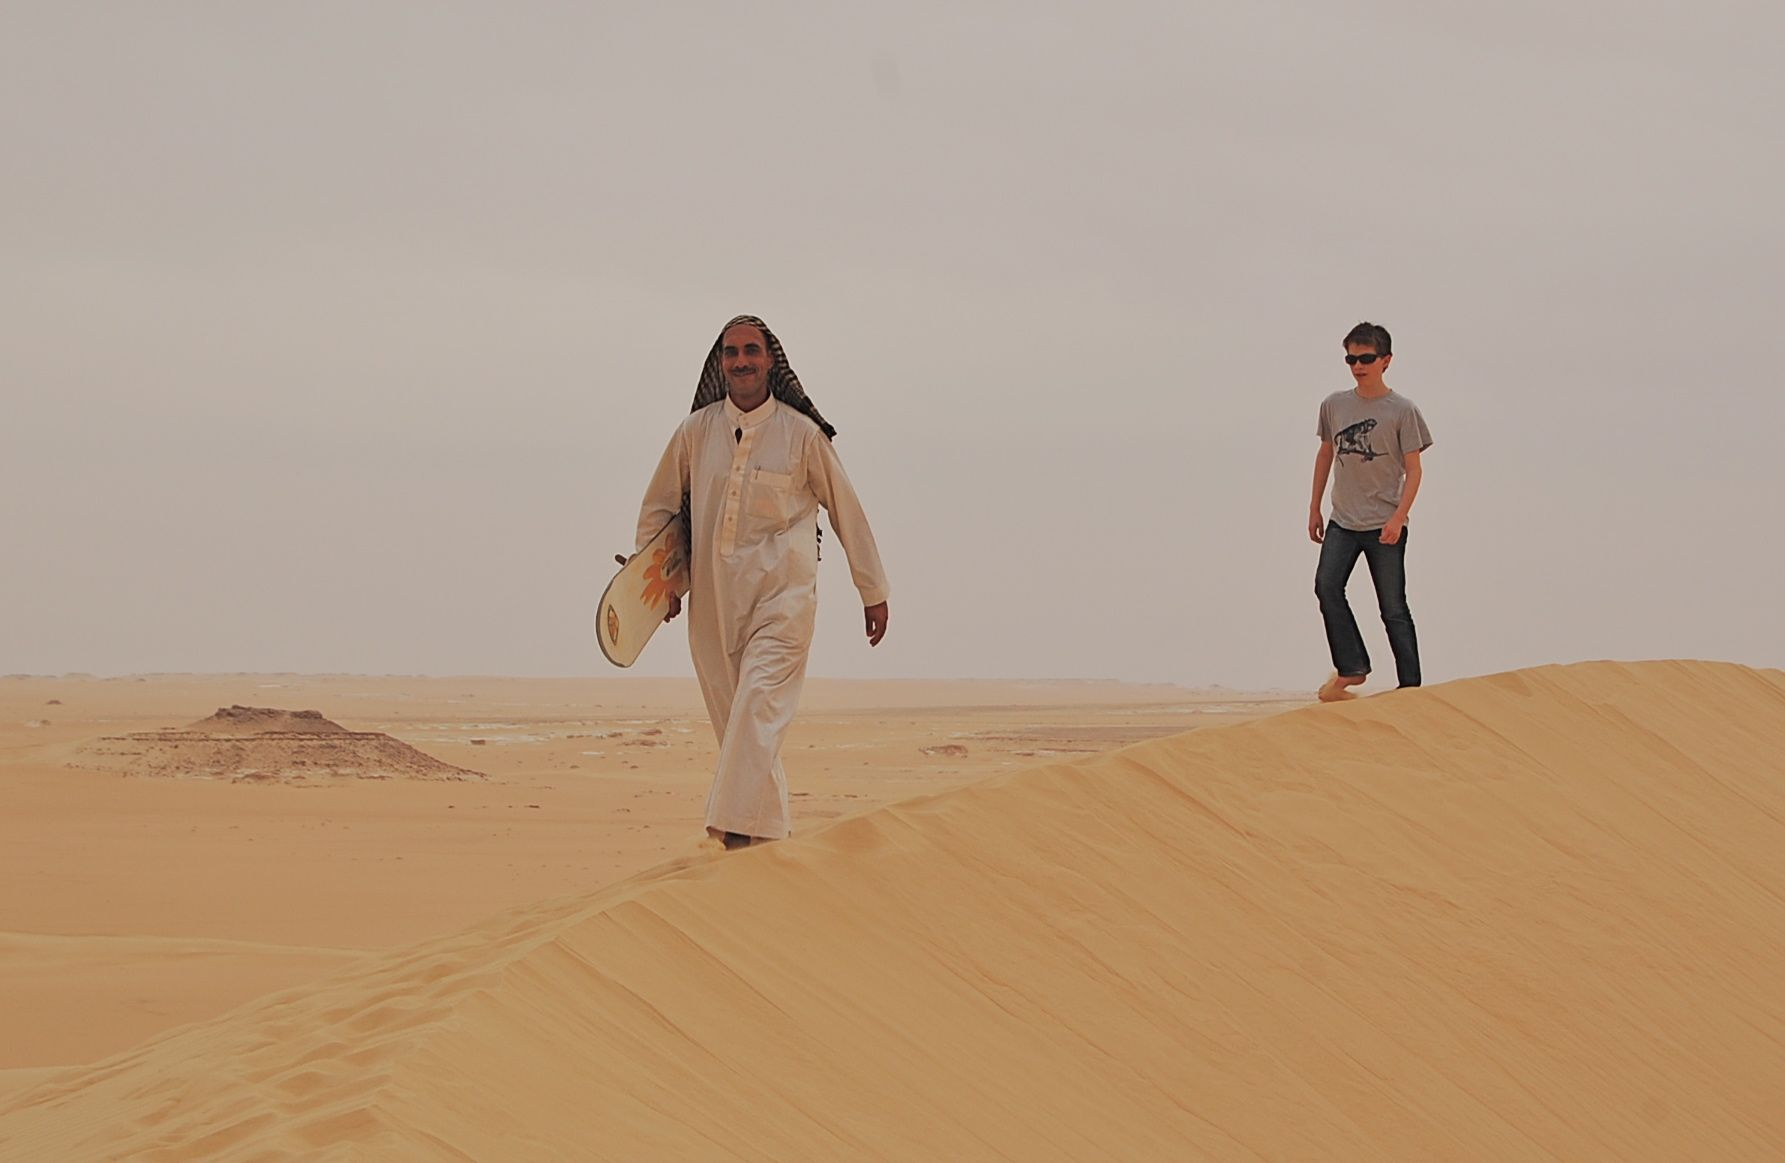 Siwa Great Sand Sea